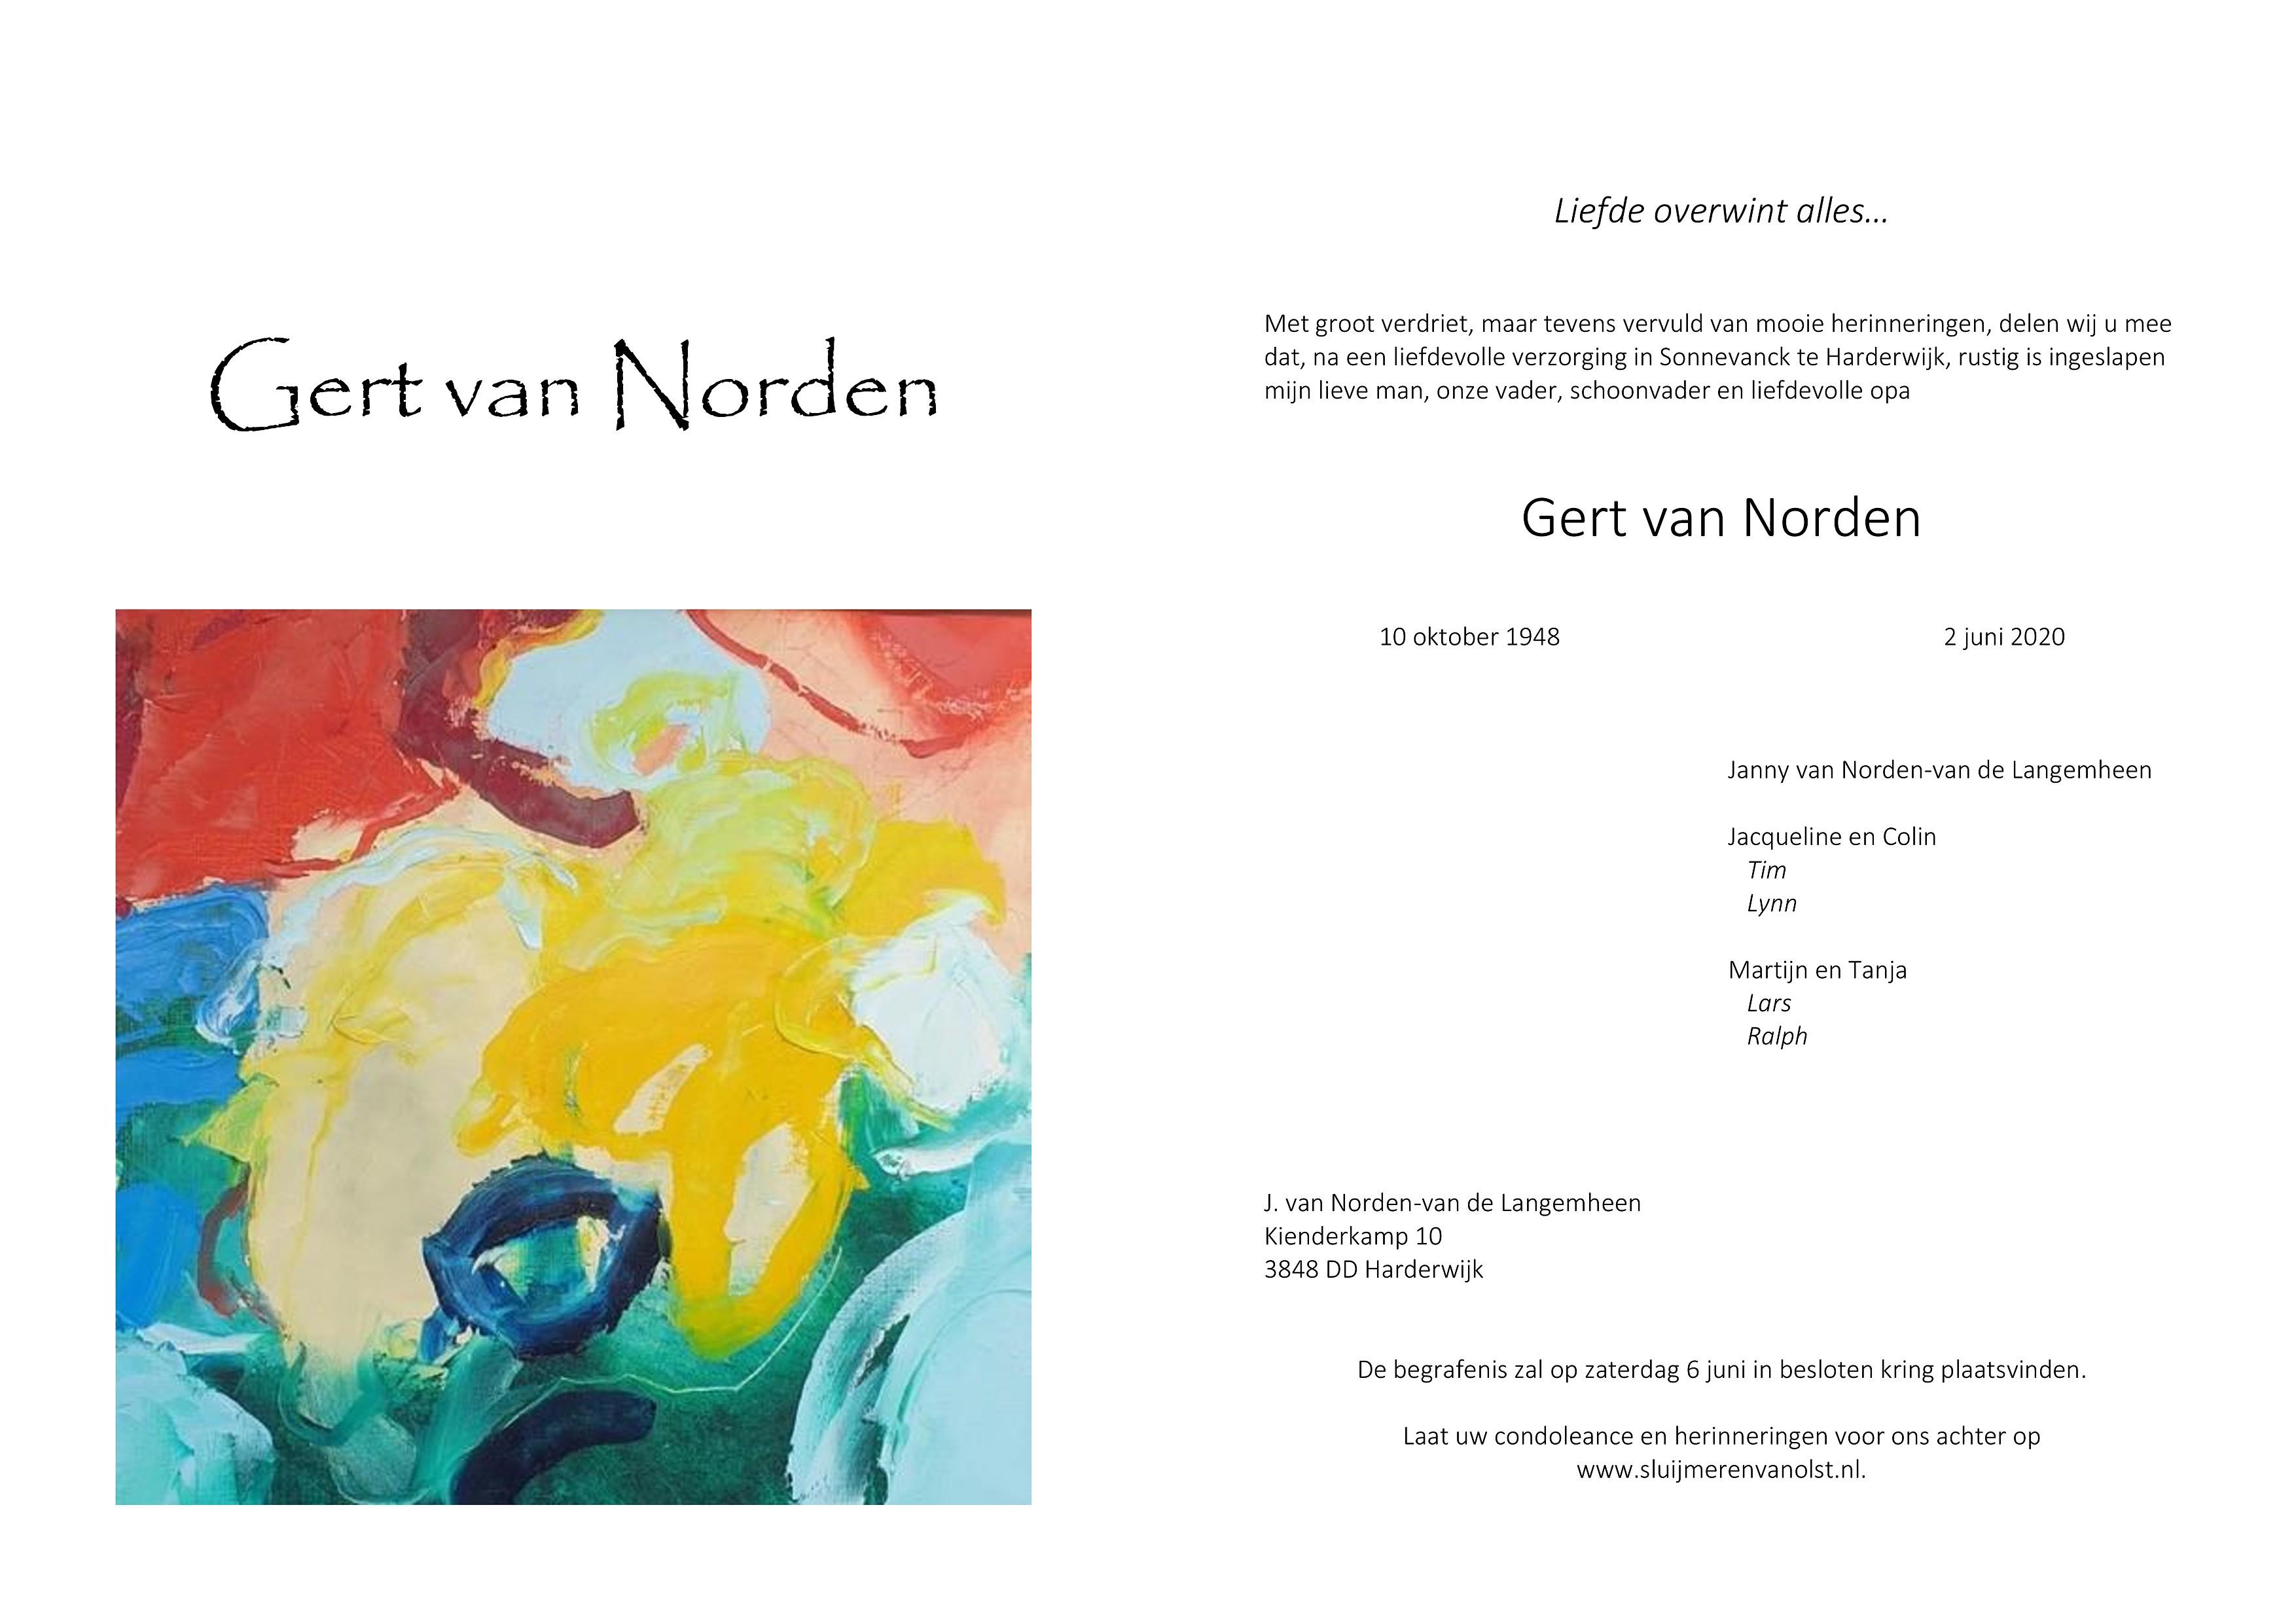 Gert van Norden Death notice